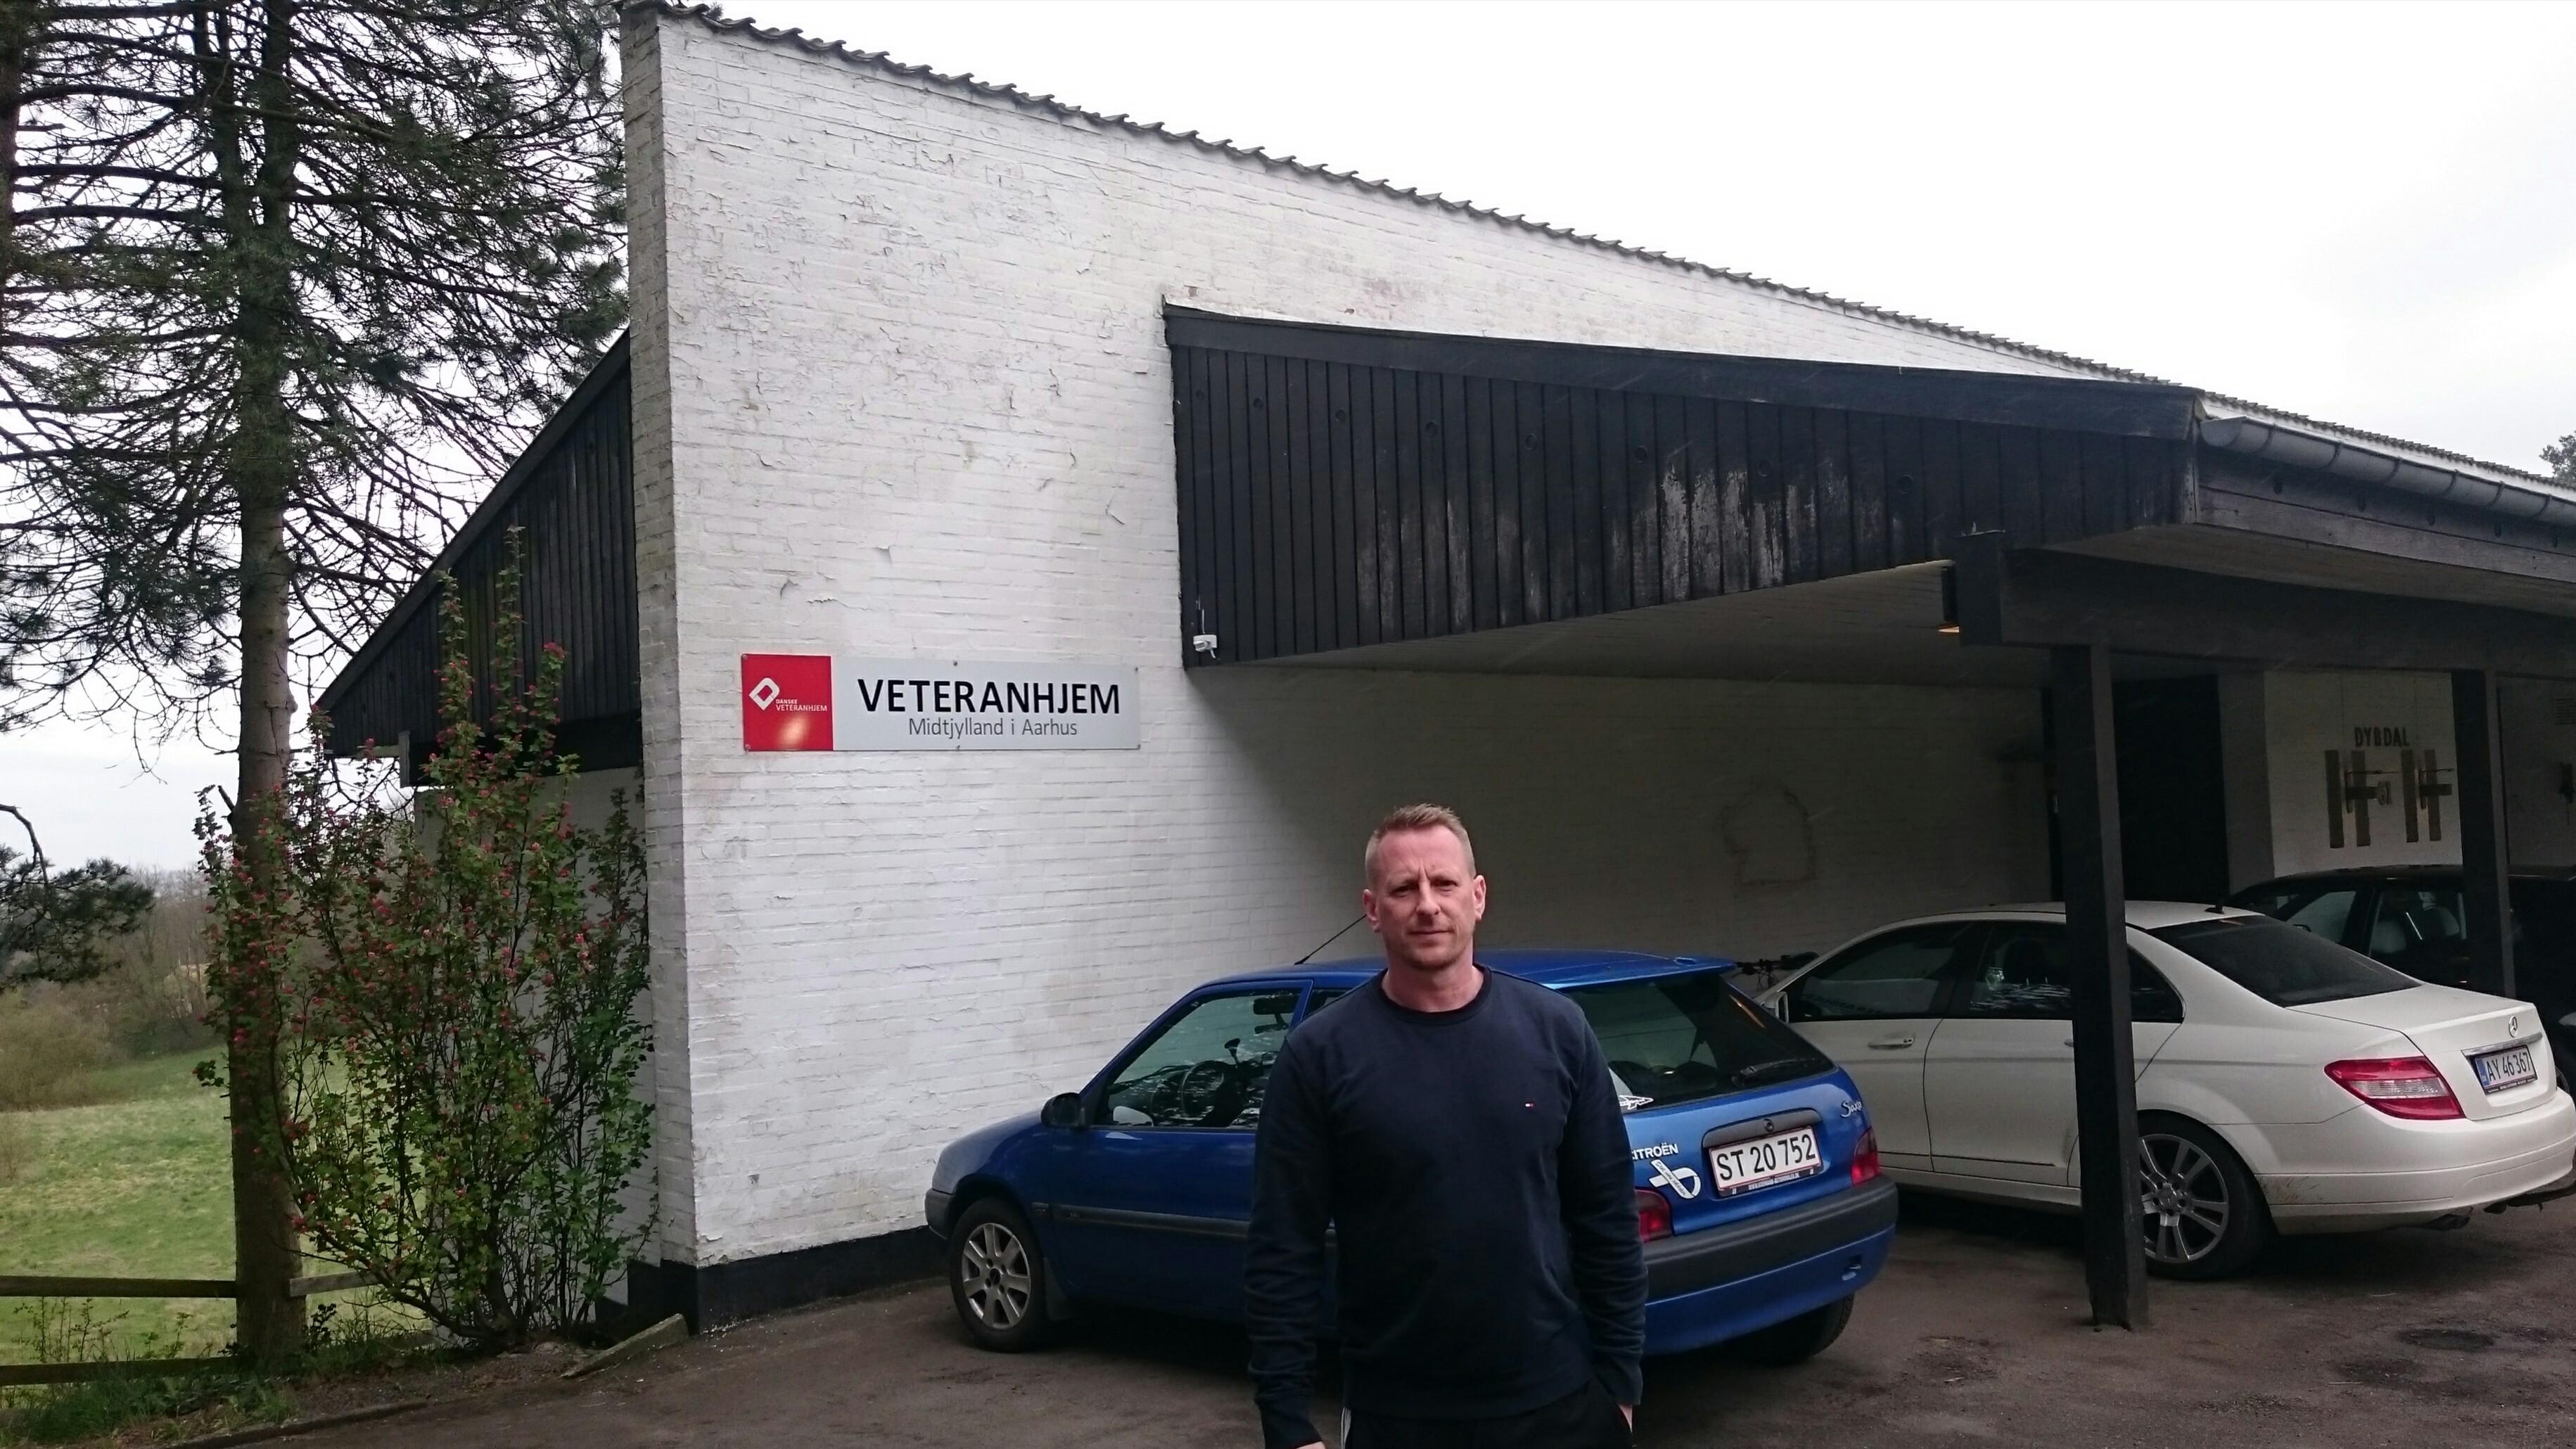 Veteranhjem Midtjylland.jpg